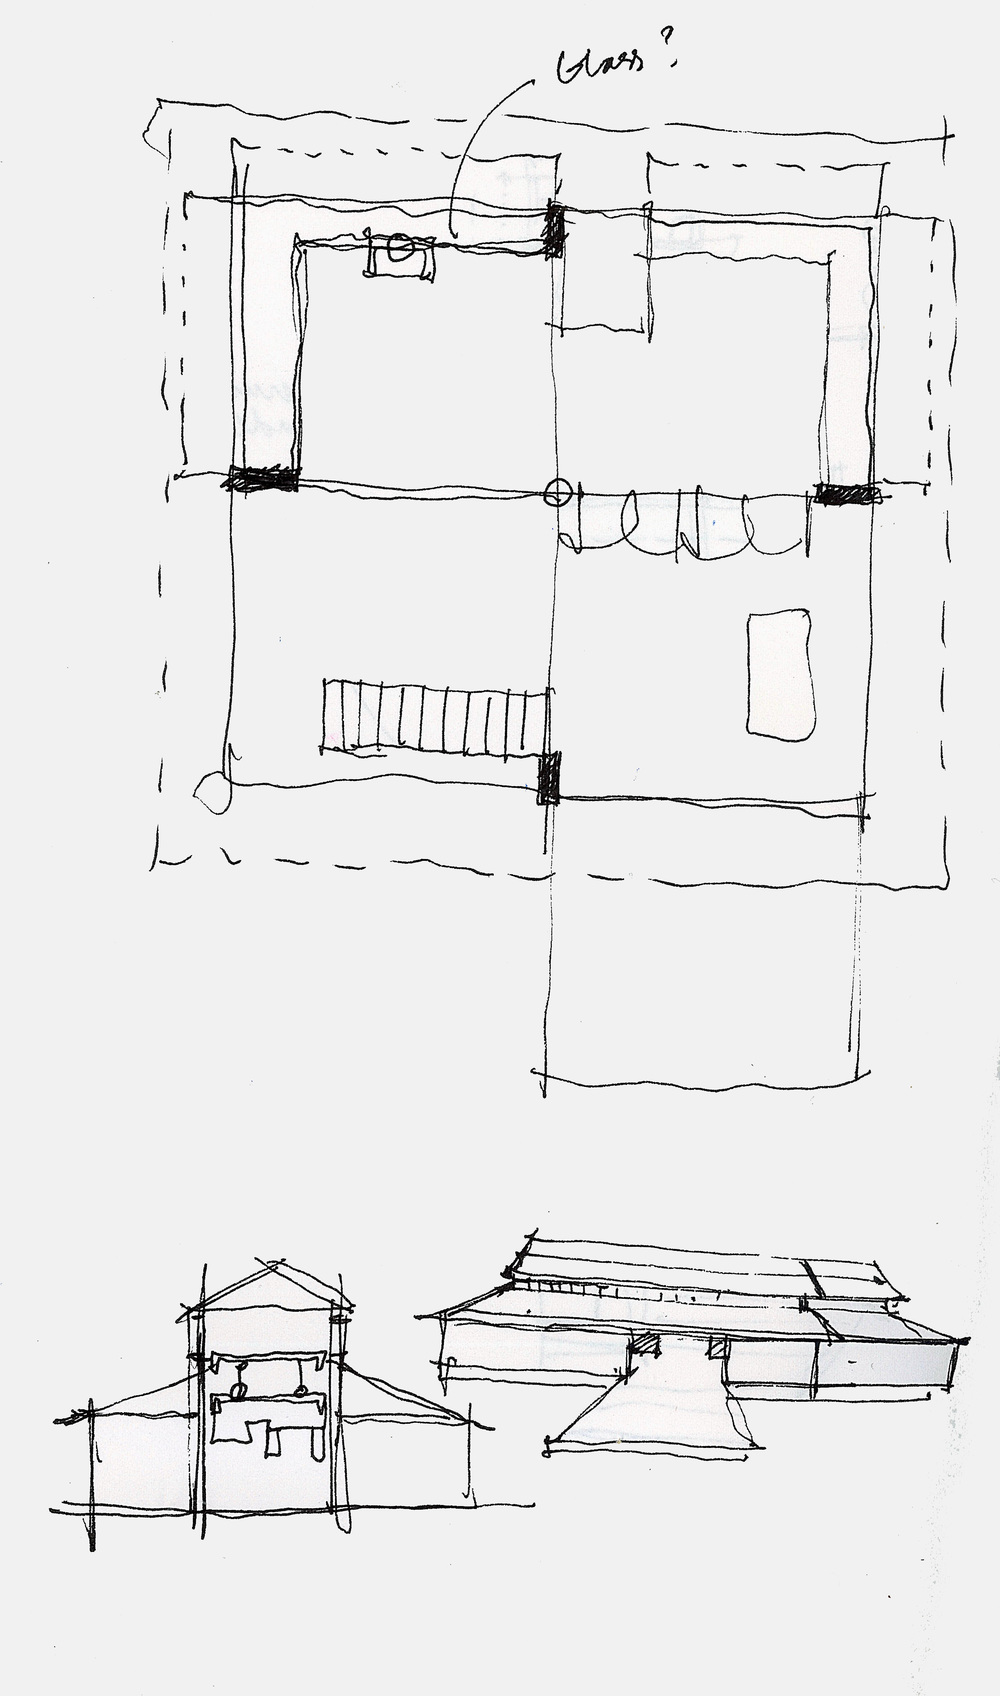 sketch edit 3_s2.jpg